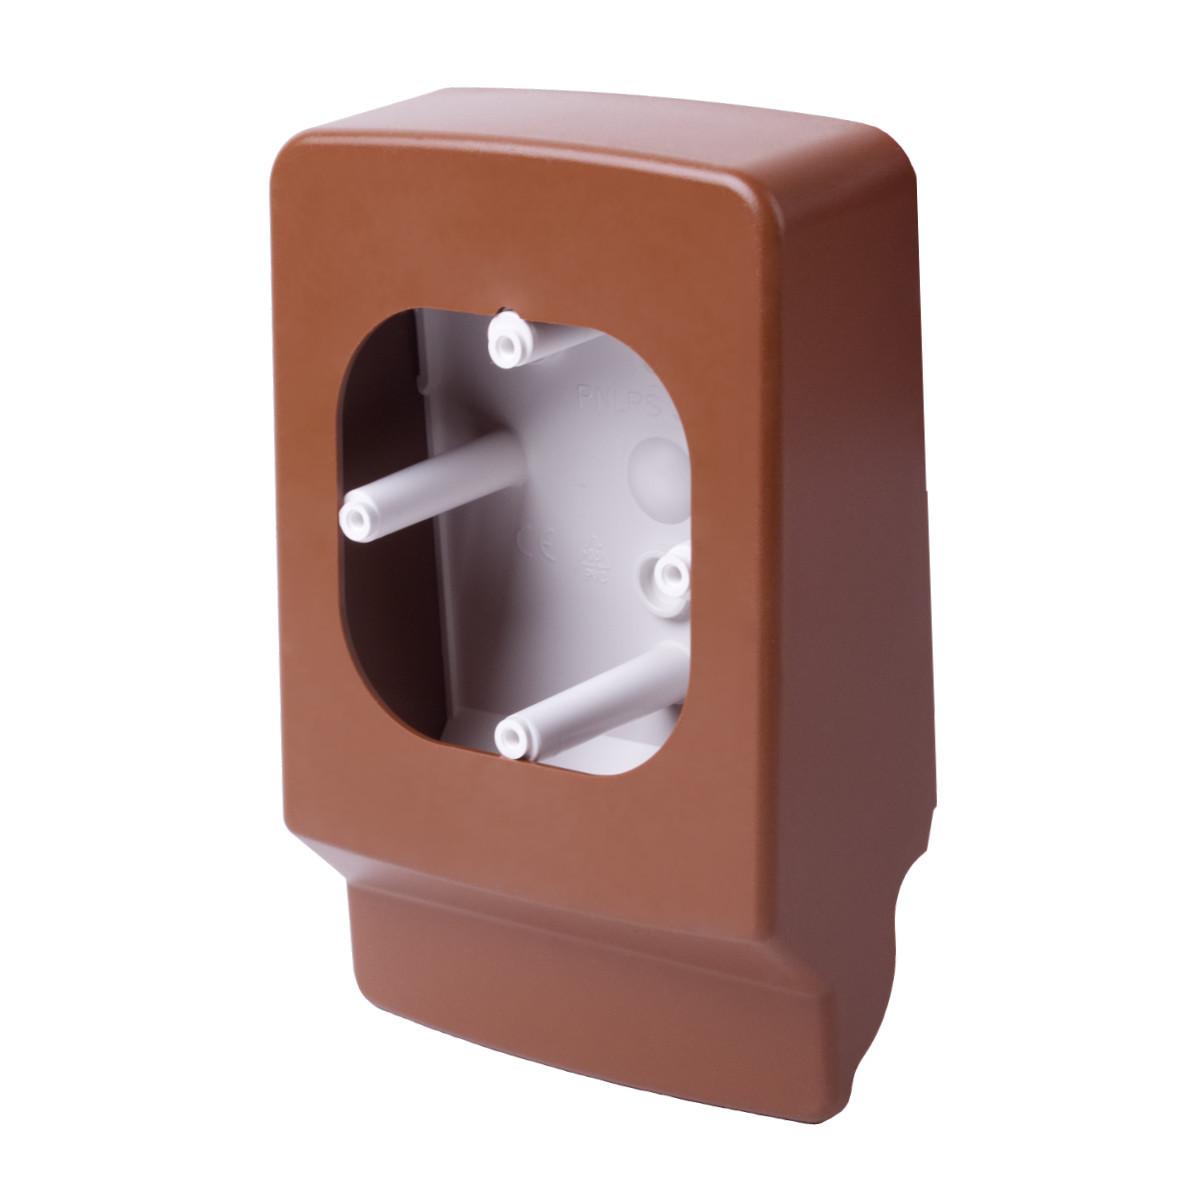 Приладовий носій для  кабельних каналів LP 35 (дуб)